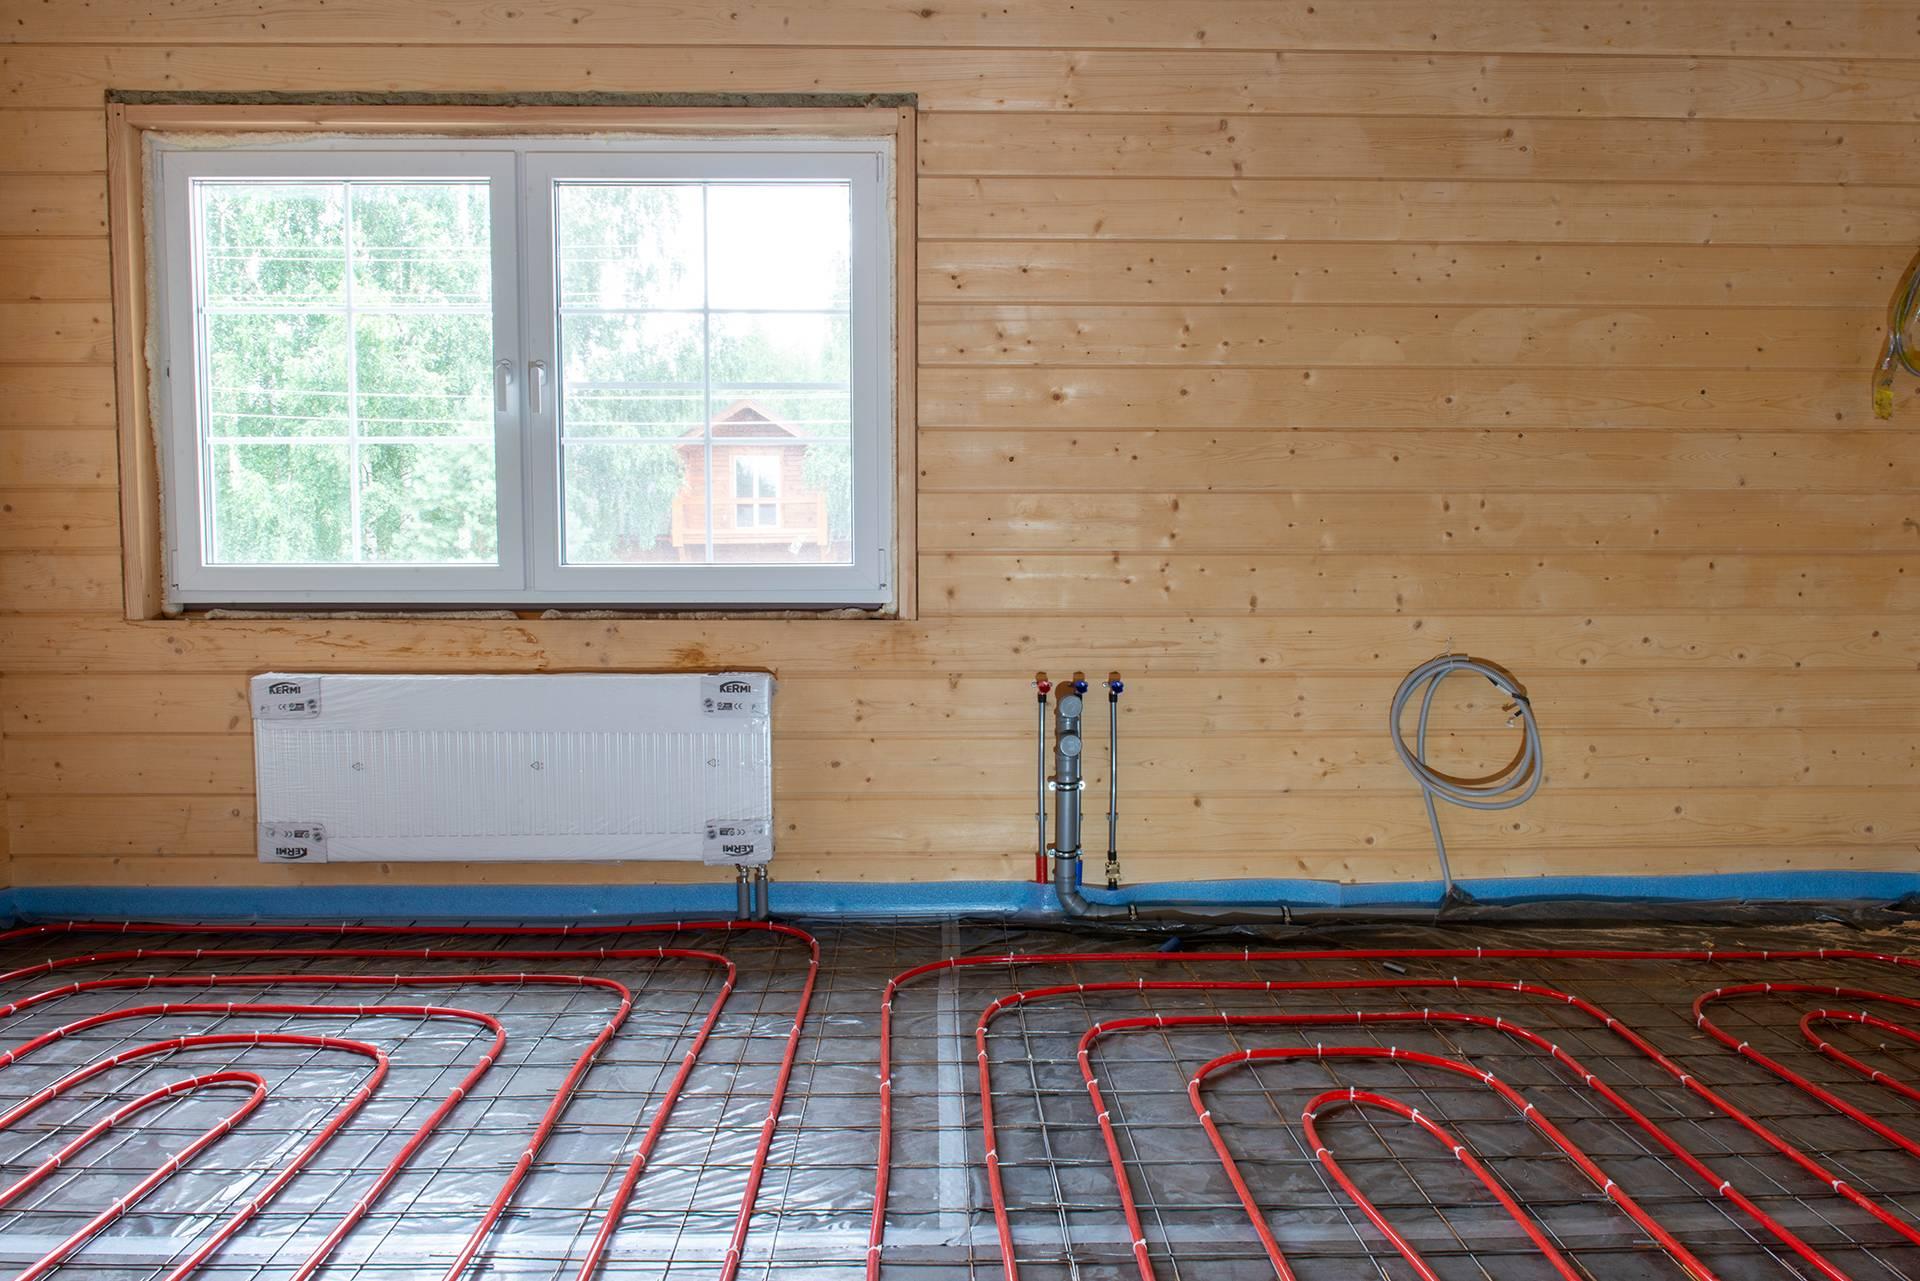 Отопление частного дома без газа и электричества - возможные решения, как обогреть дом без отопления,чем отапливать дом,как отопить недорого